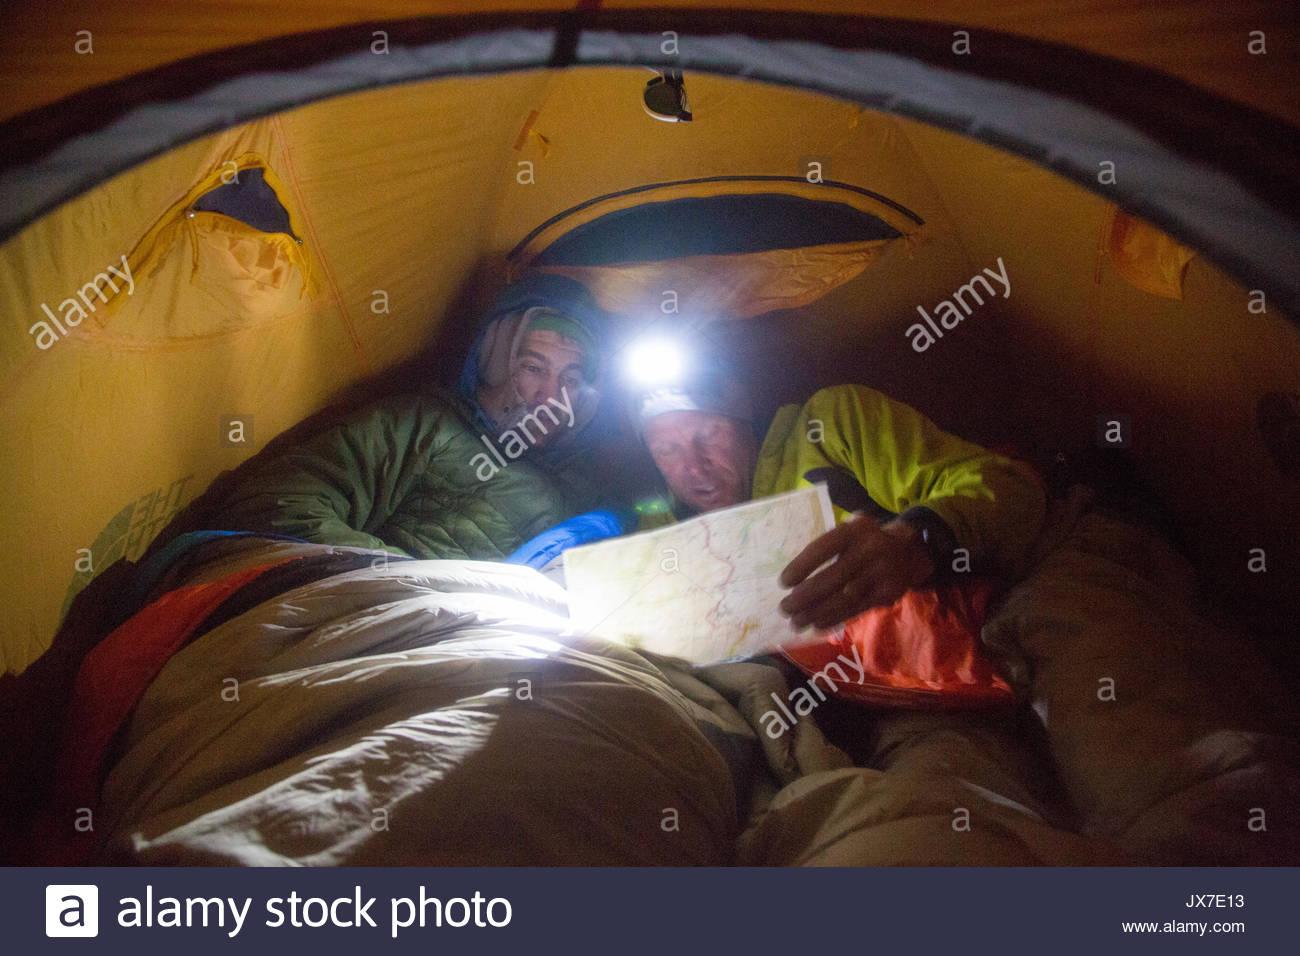 Membri della spedizione rivedere una mappa dei loro piani mentre rannicchiato all interno di una tenda. Immagini Stock